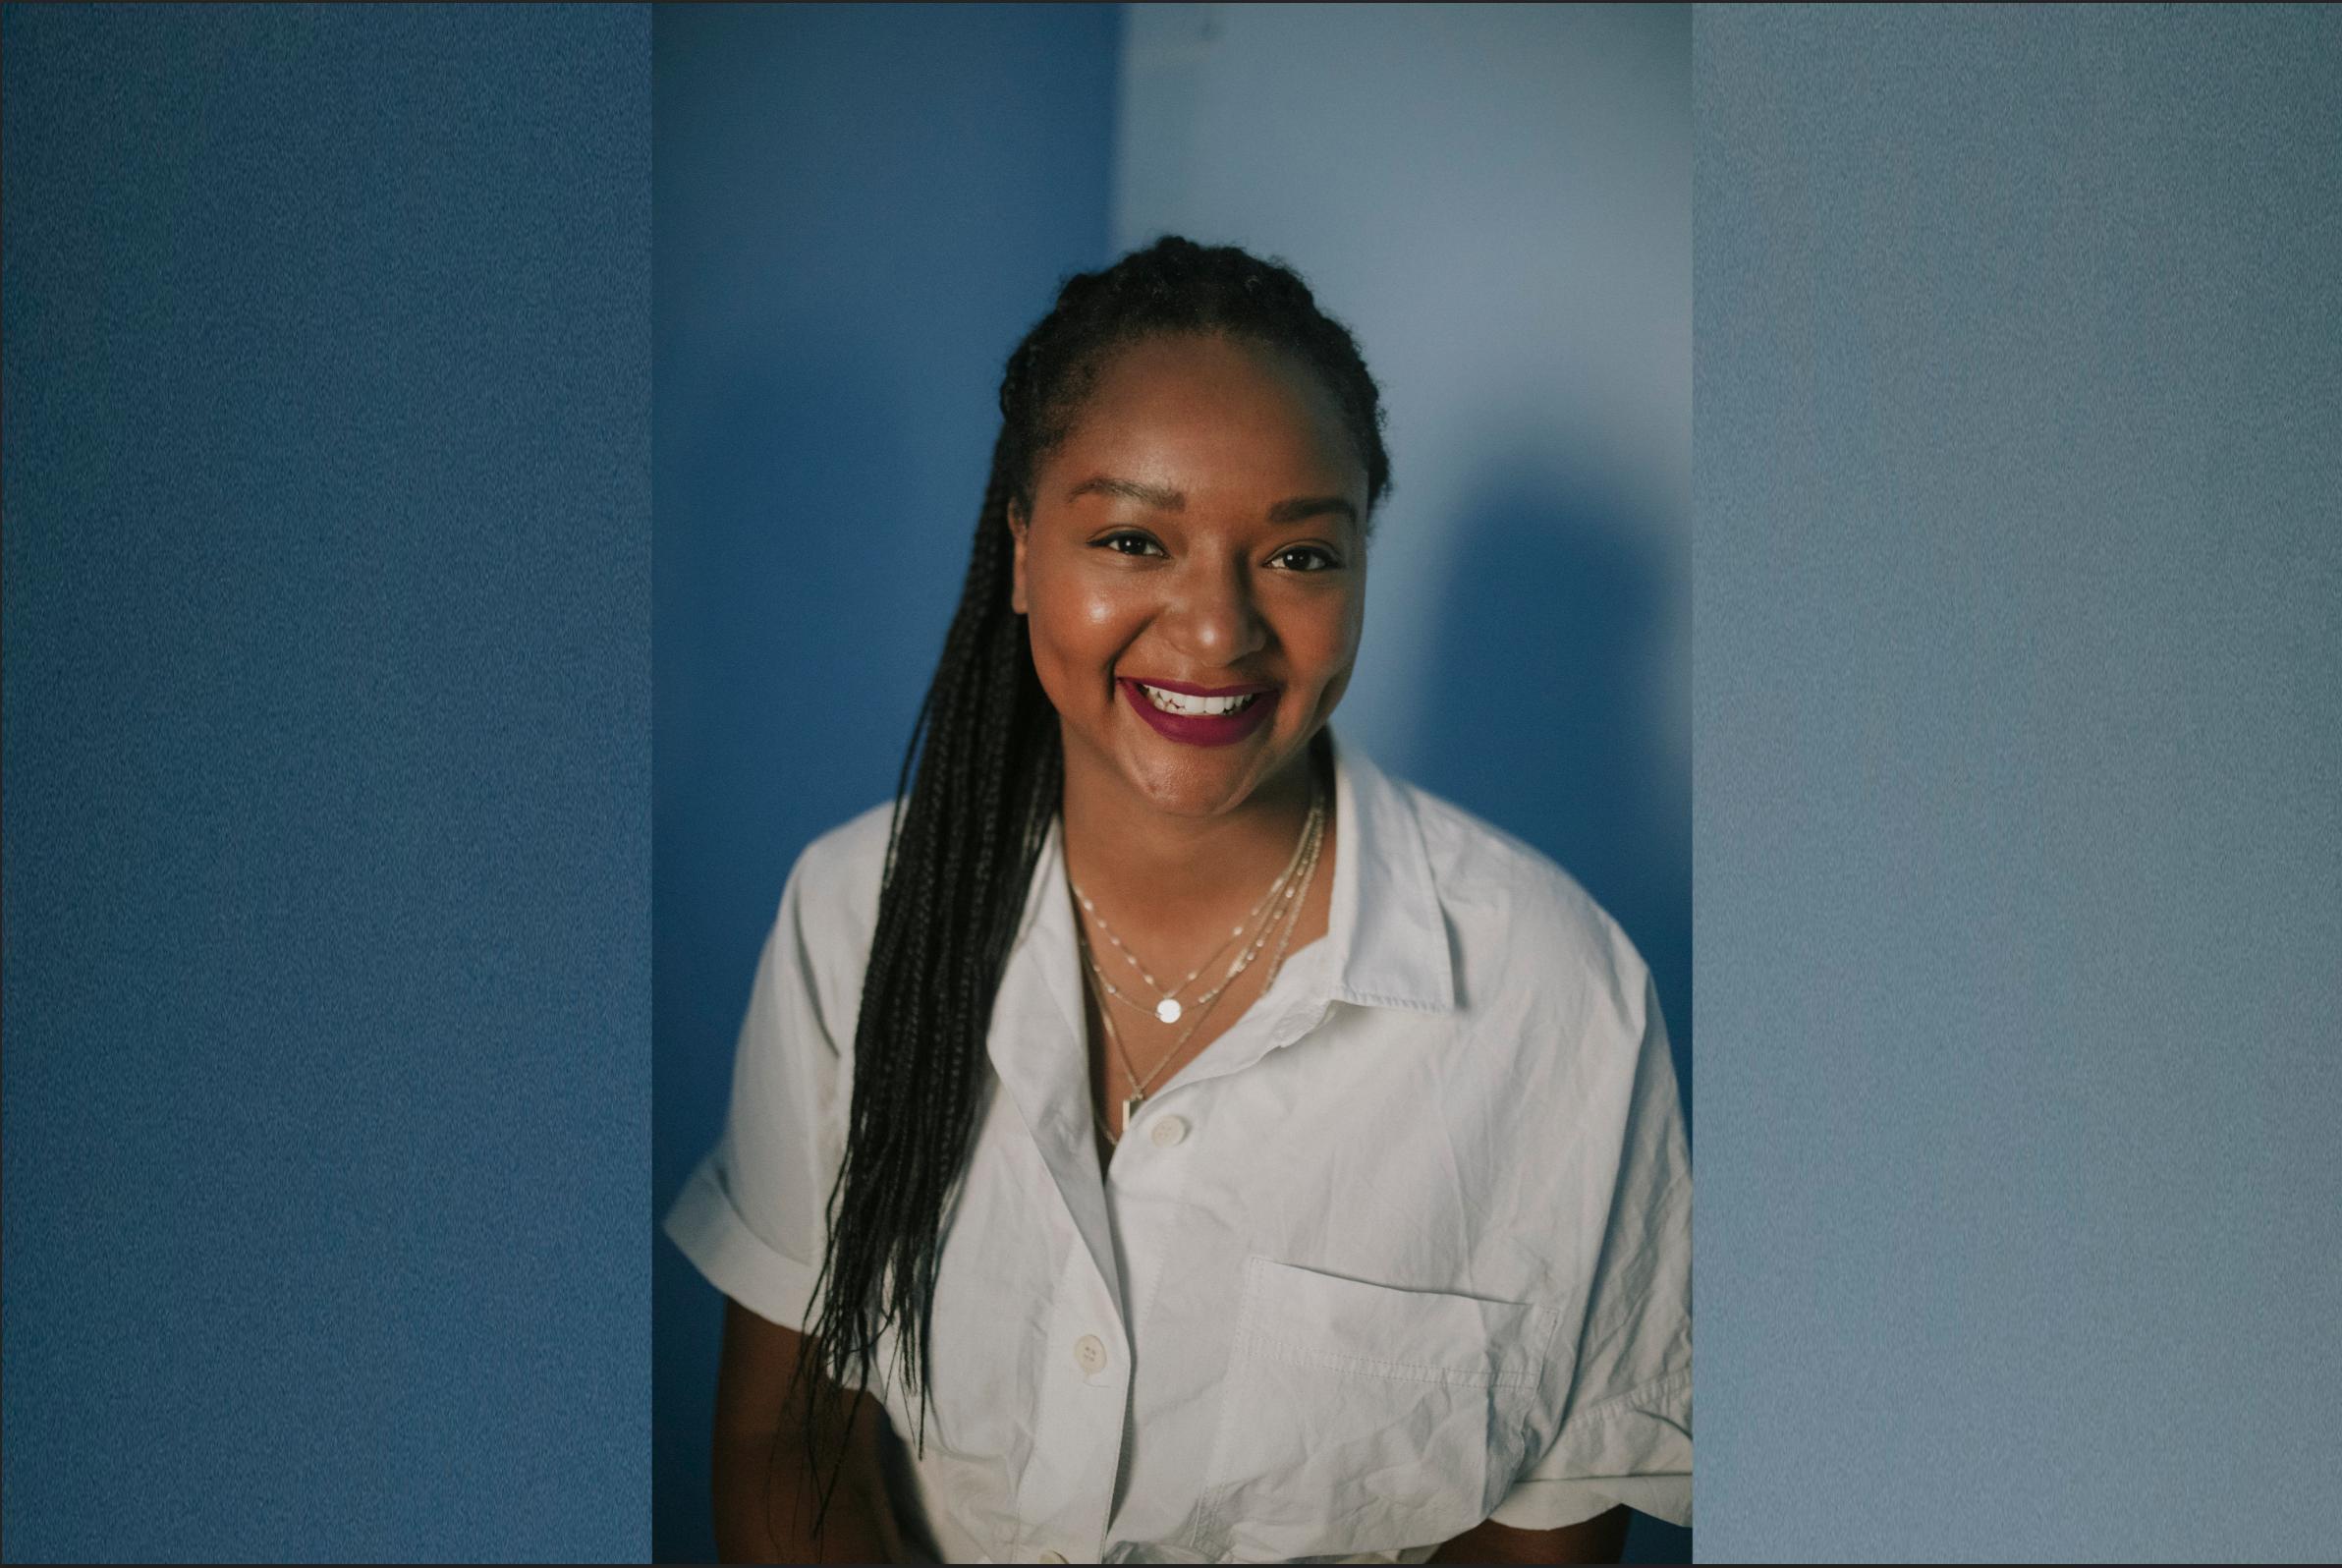 Auf dem Bild ist vor blauem Hintergrund die Politikerin Aminata Touré zu sehen.